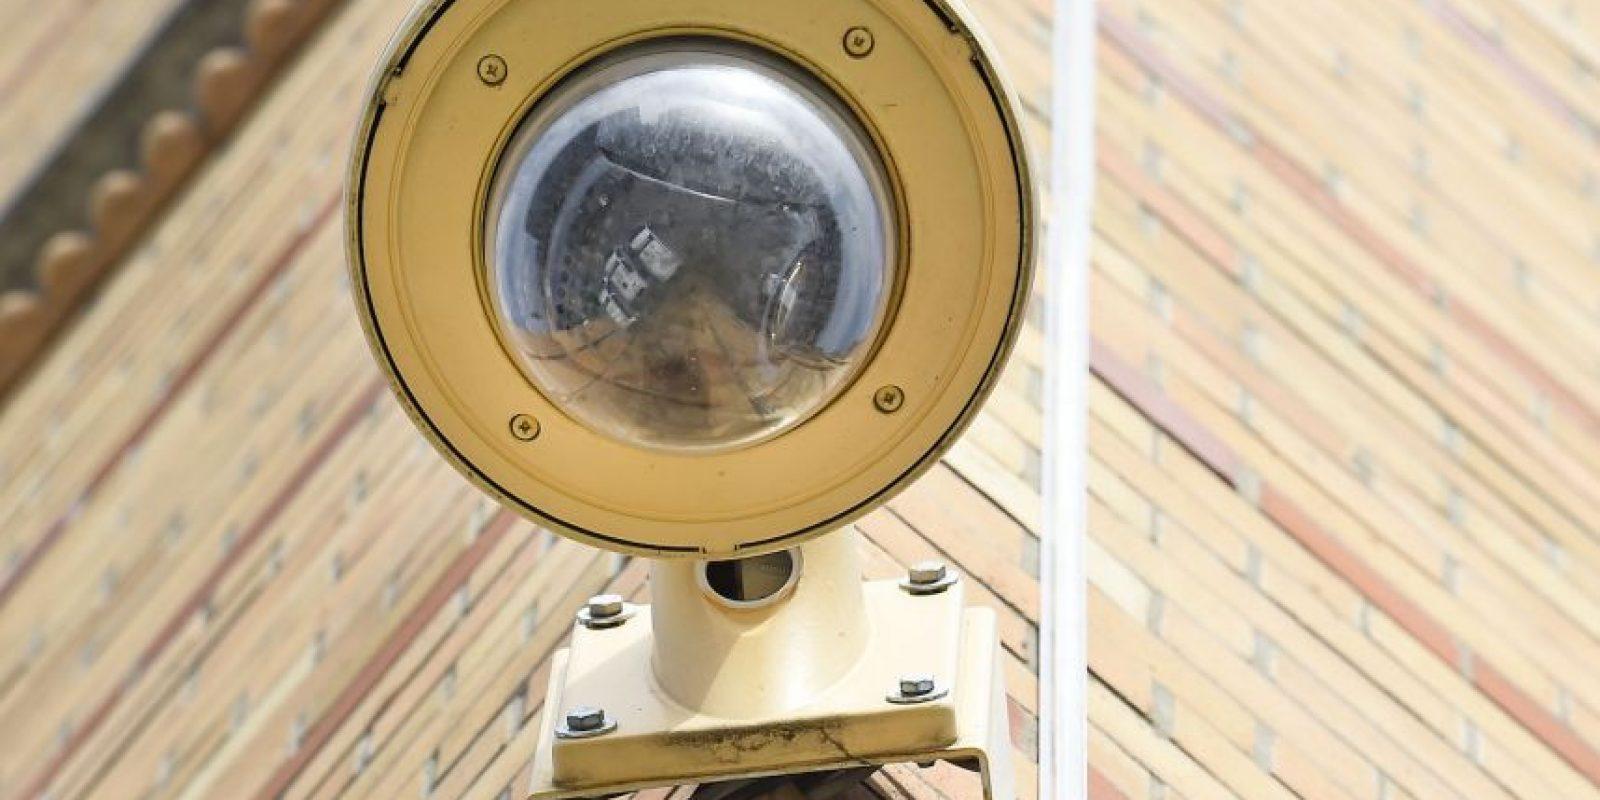 Su efecto ha sido mejor que una cámara de seguridad. Foto:Getty Images